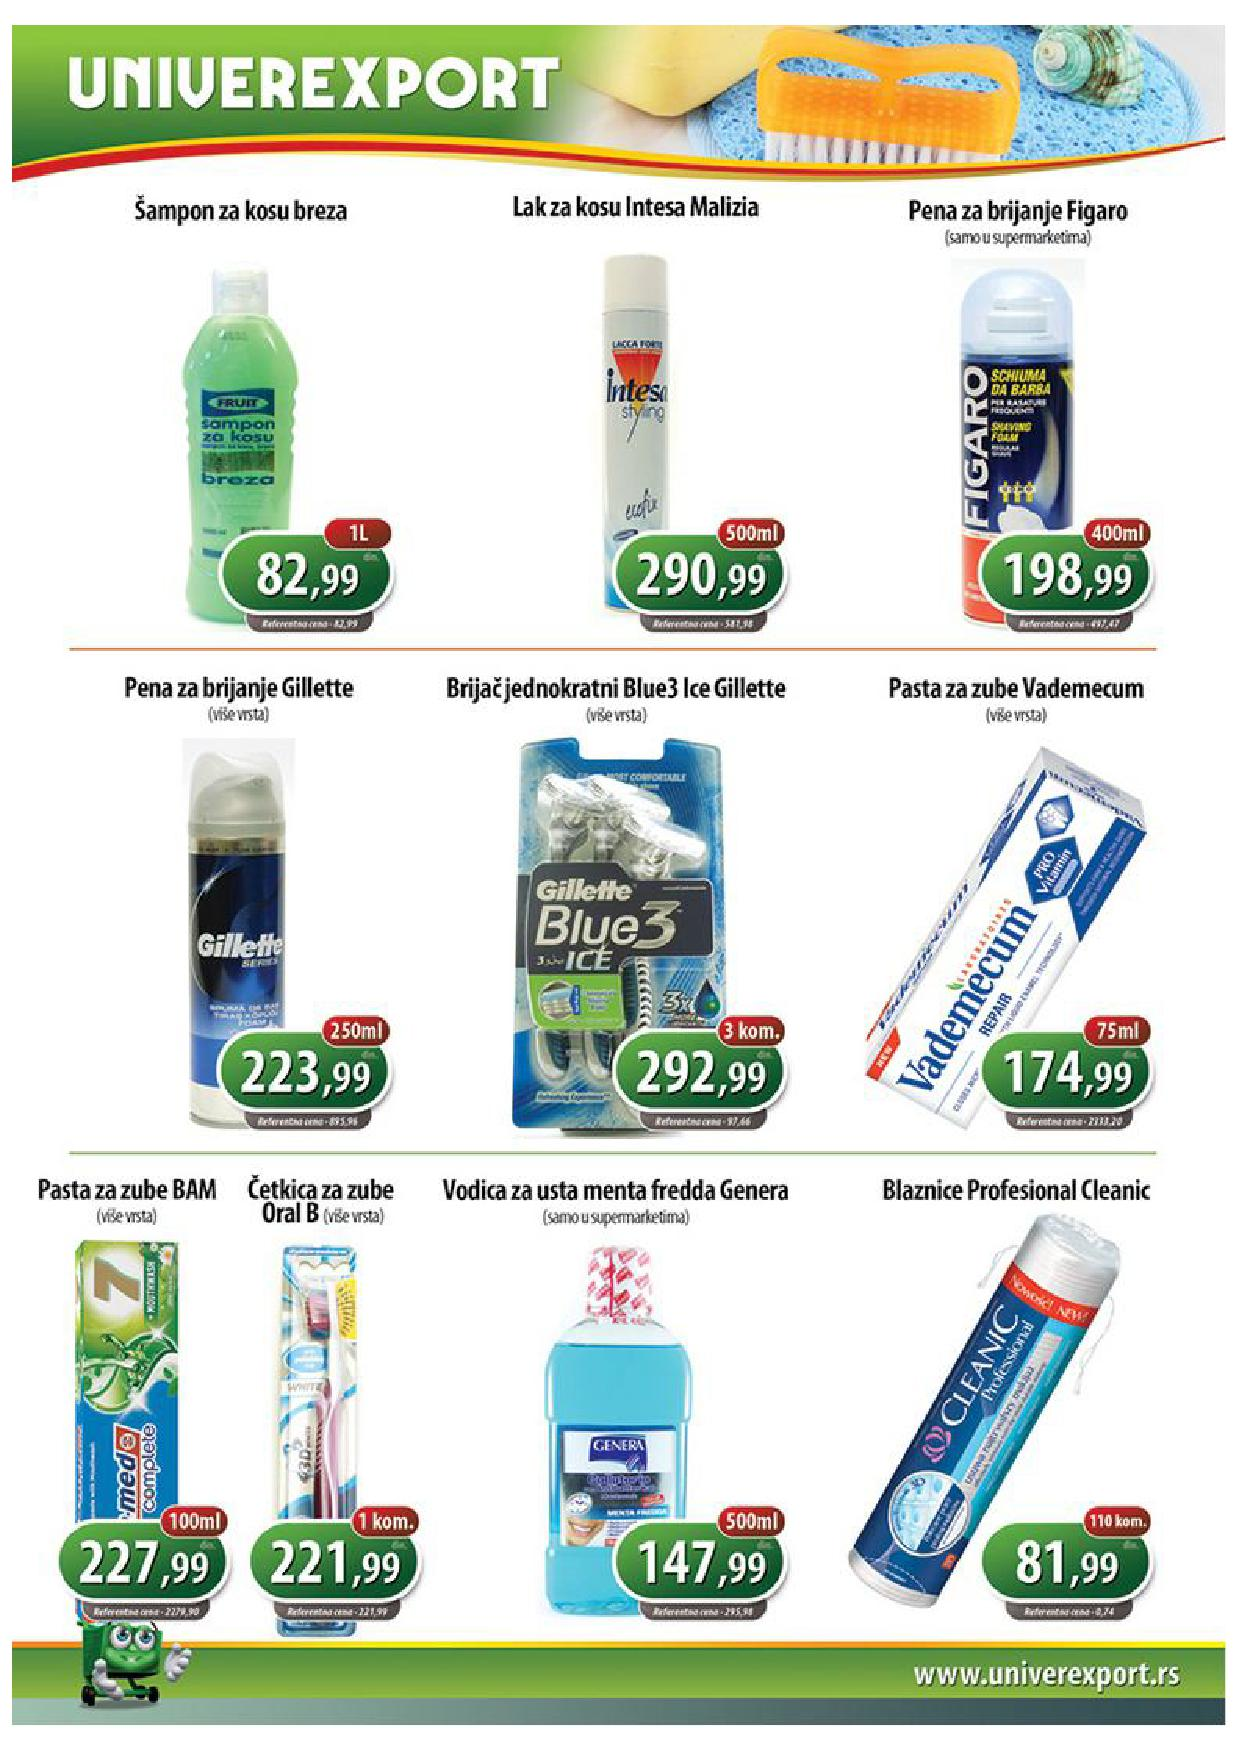 Univerexport katalog super cena za vas